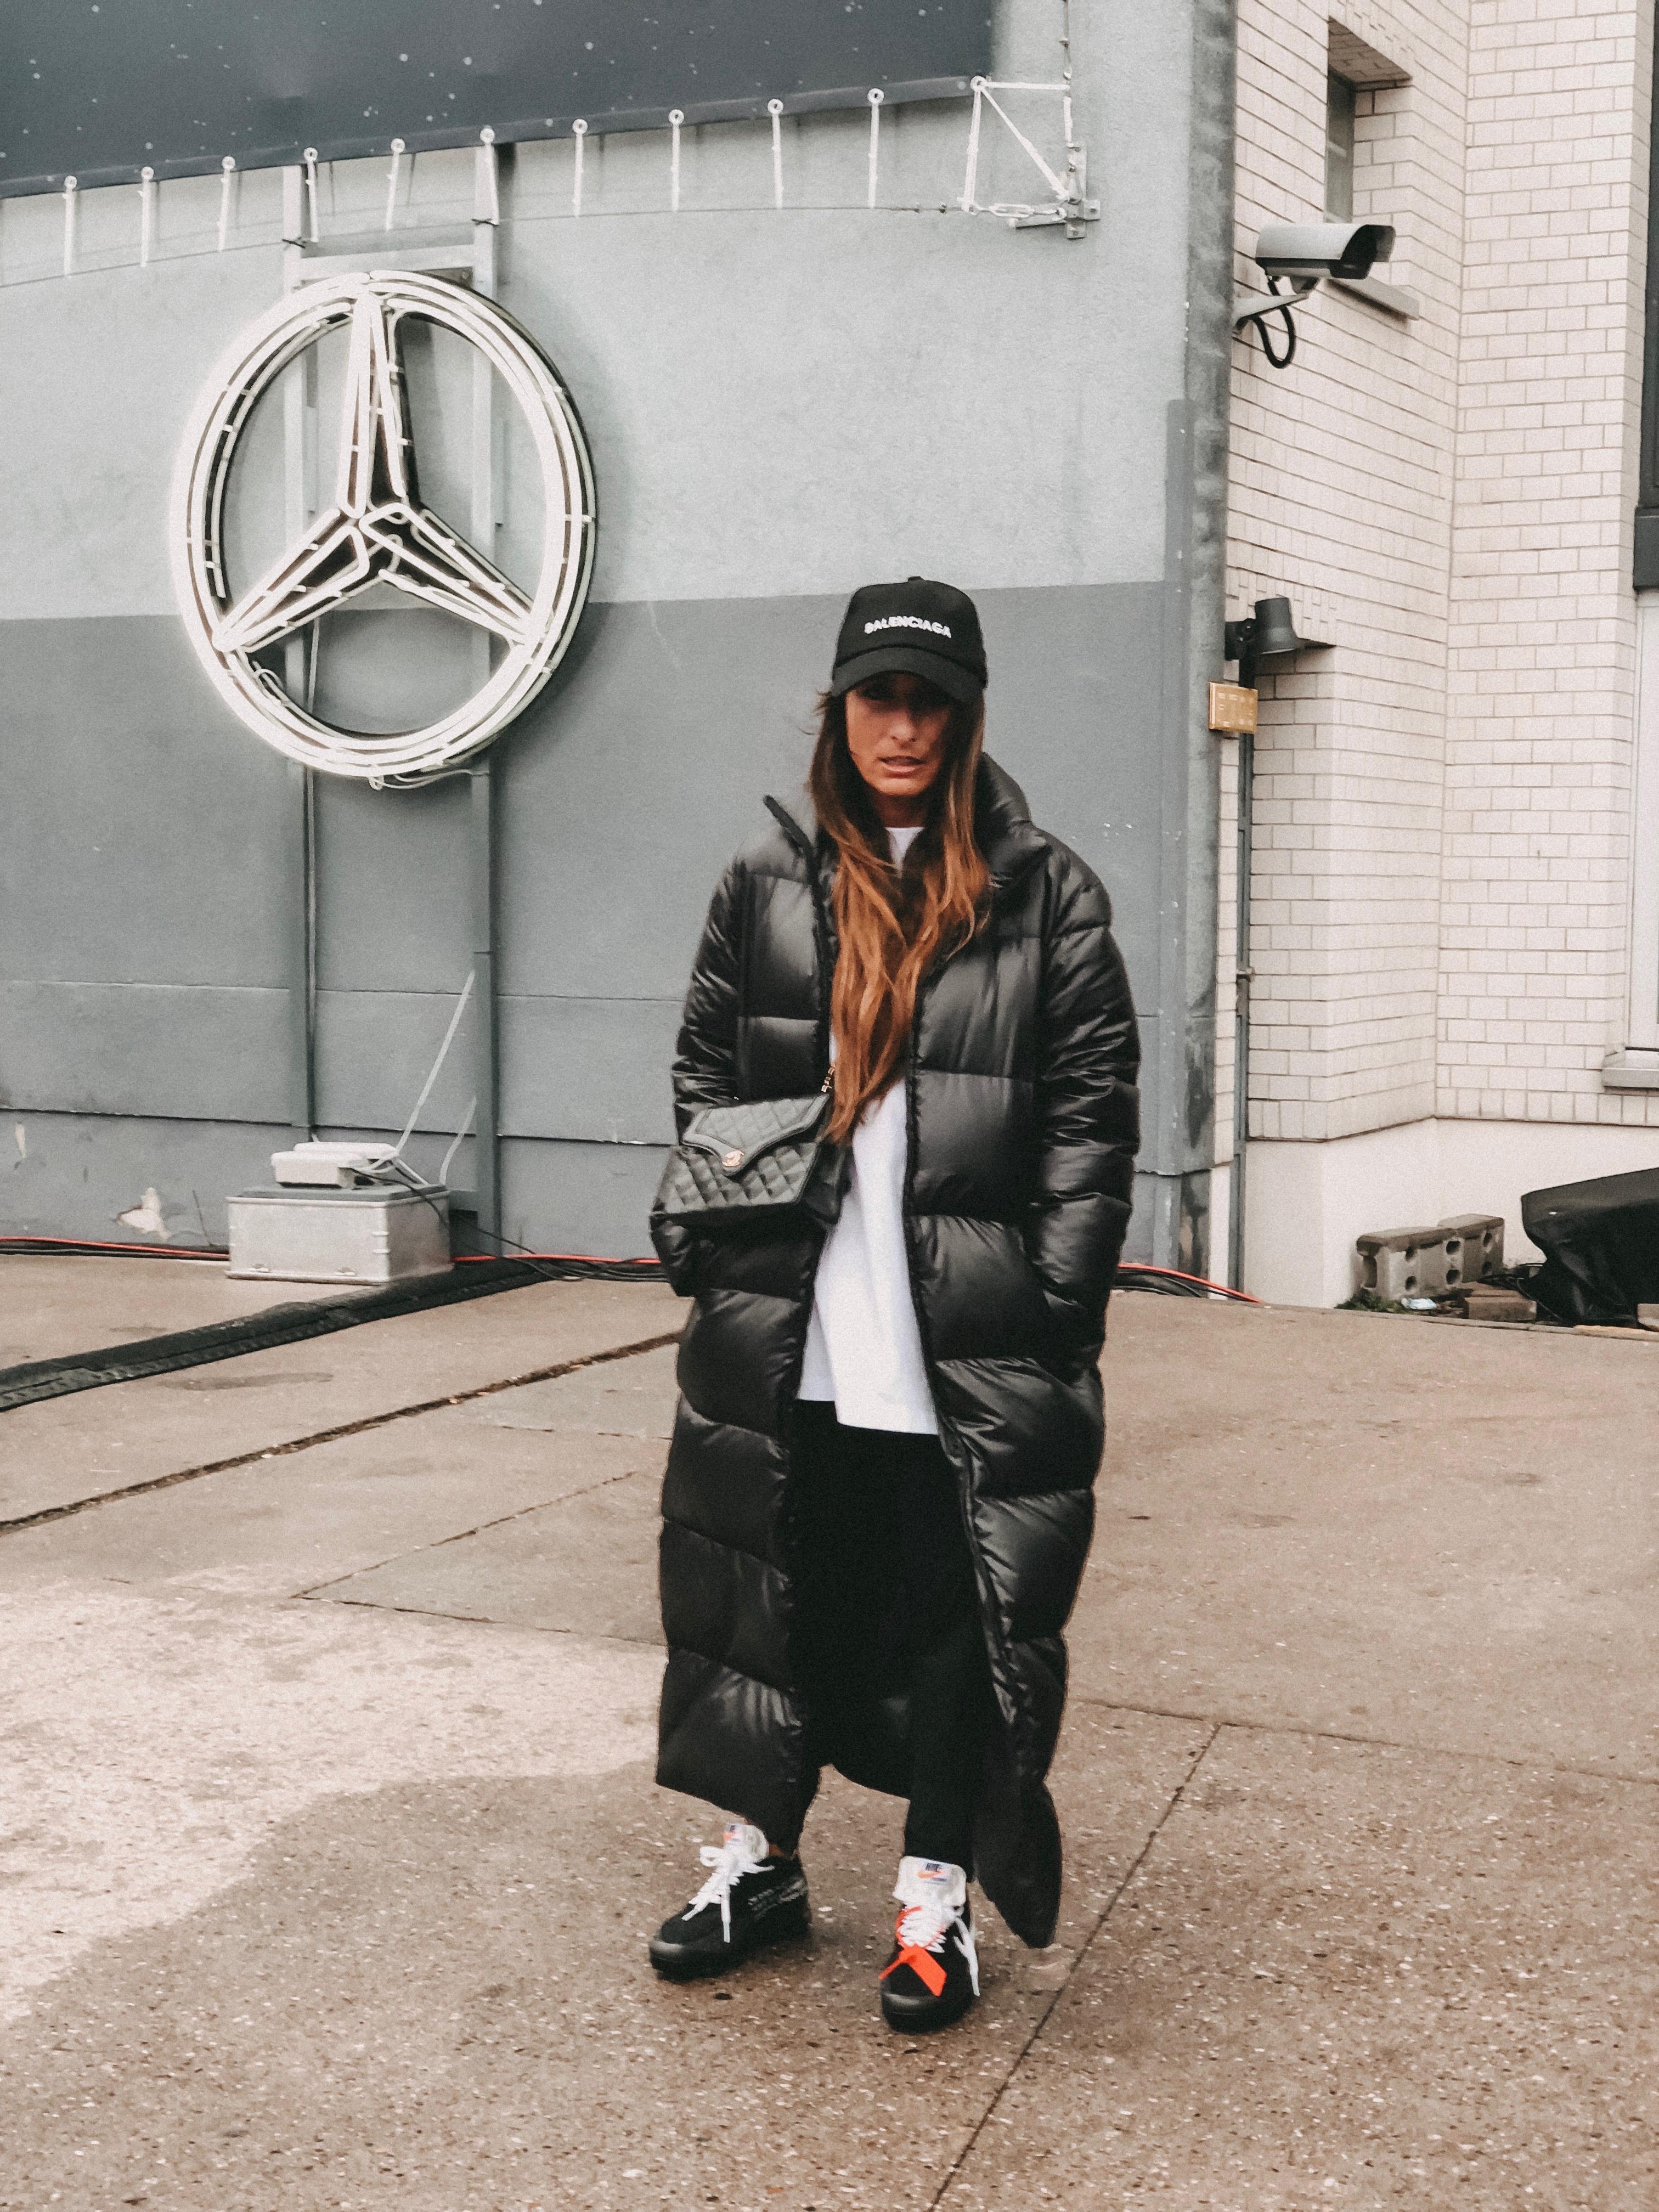 Daunenmantel x Nike Off White x Streetstyle